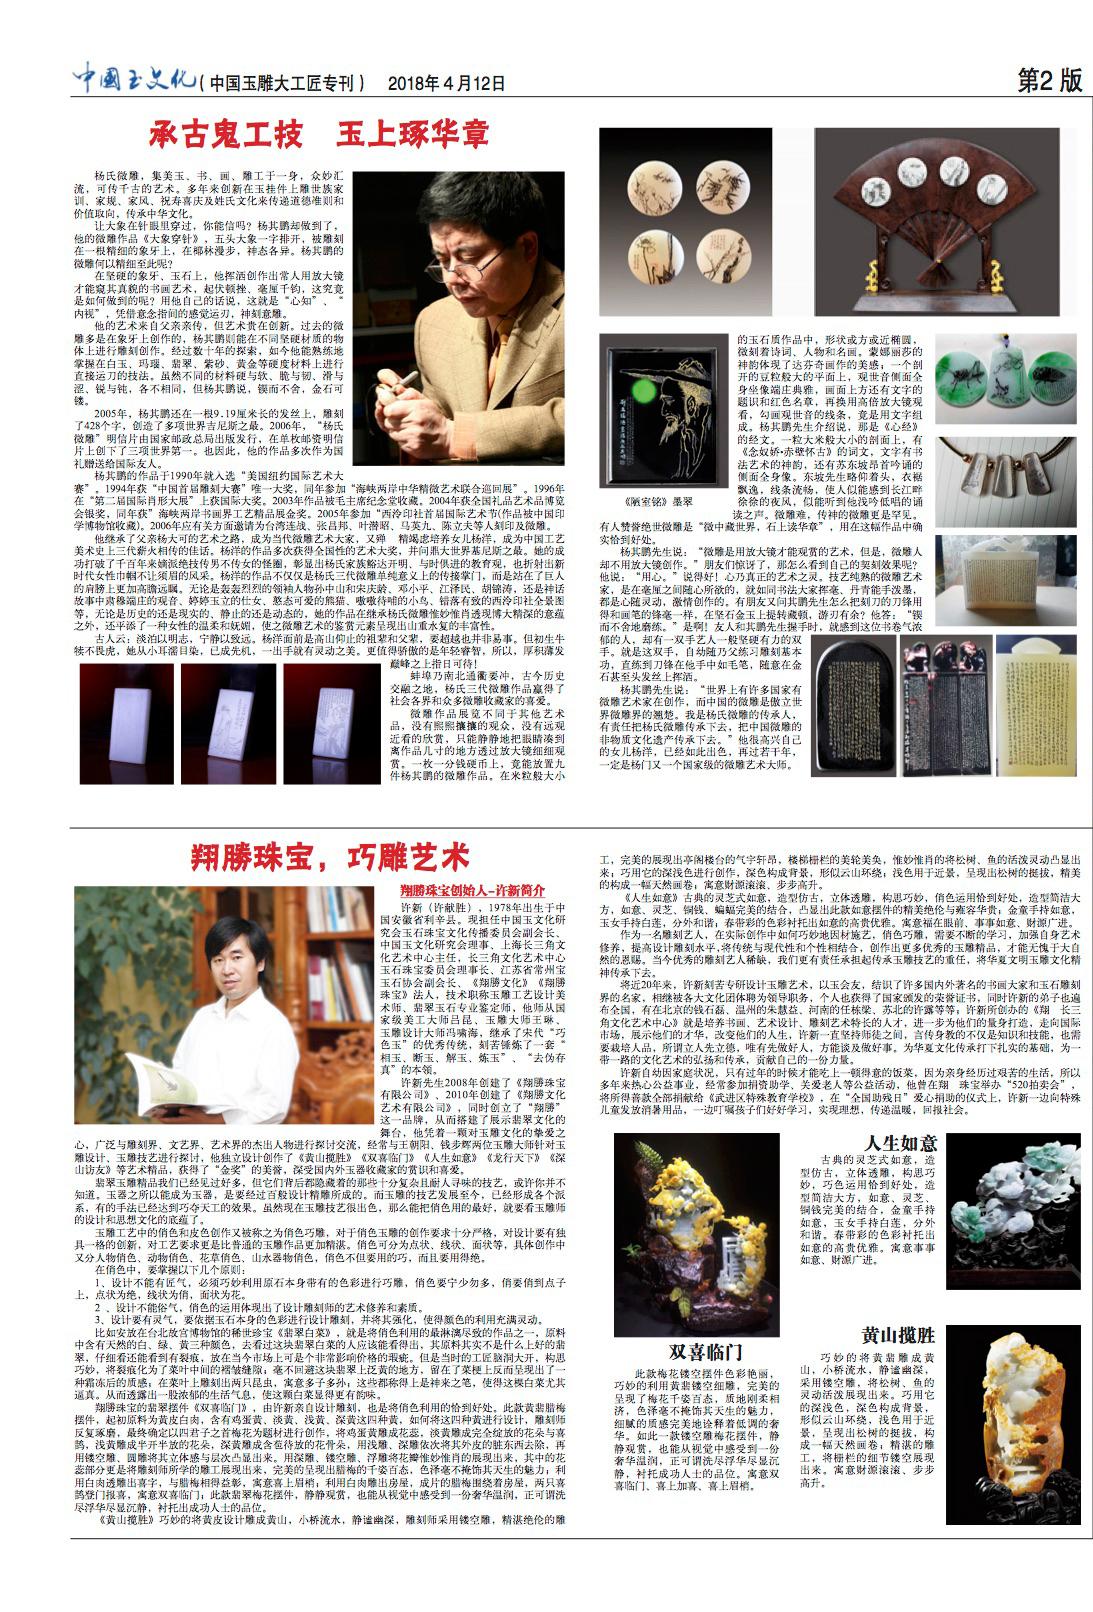 6玉文化报纸4.jpg